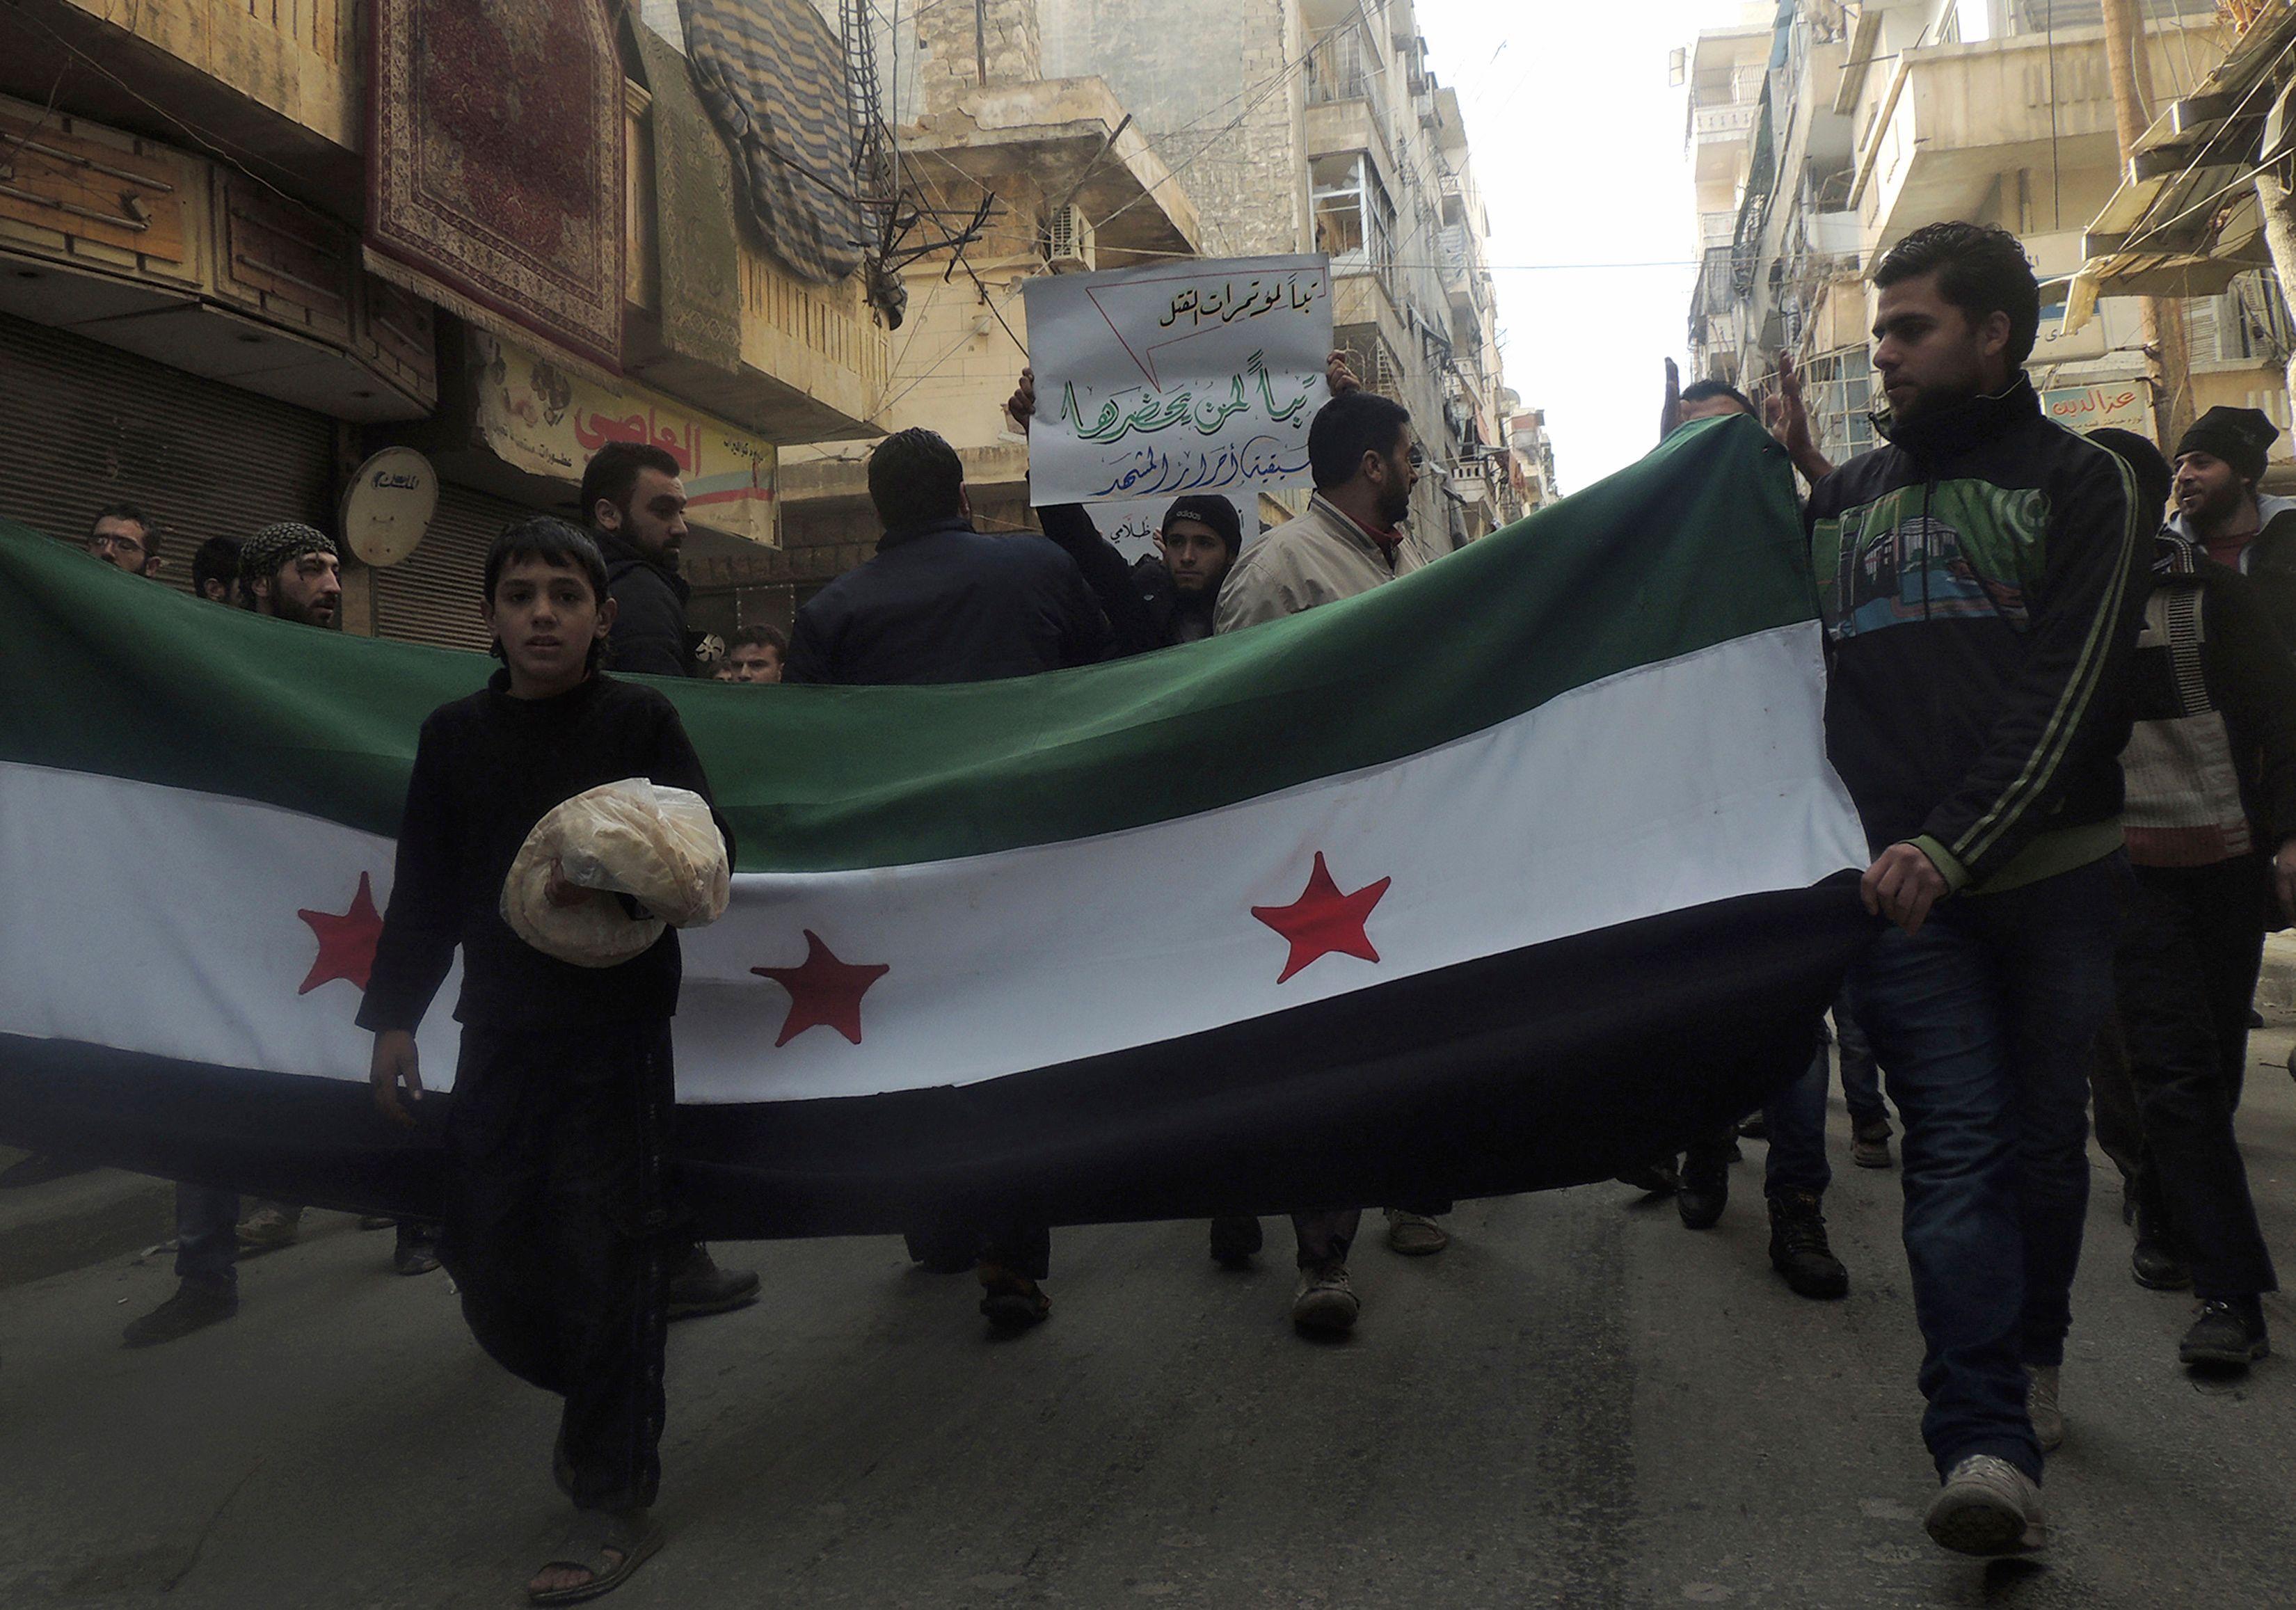 En Syrie les affrontements n'ont pas seulement lieu entre groupes armés rebelles et forces gouvernementales